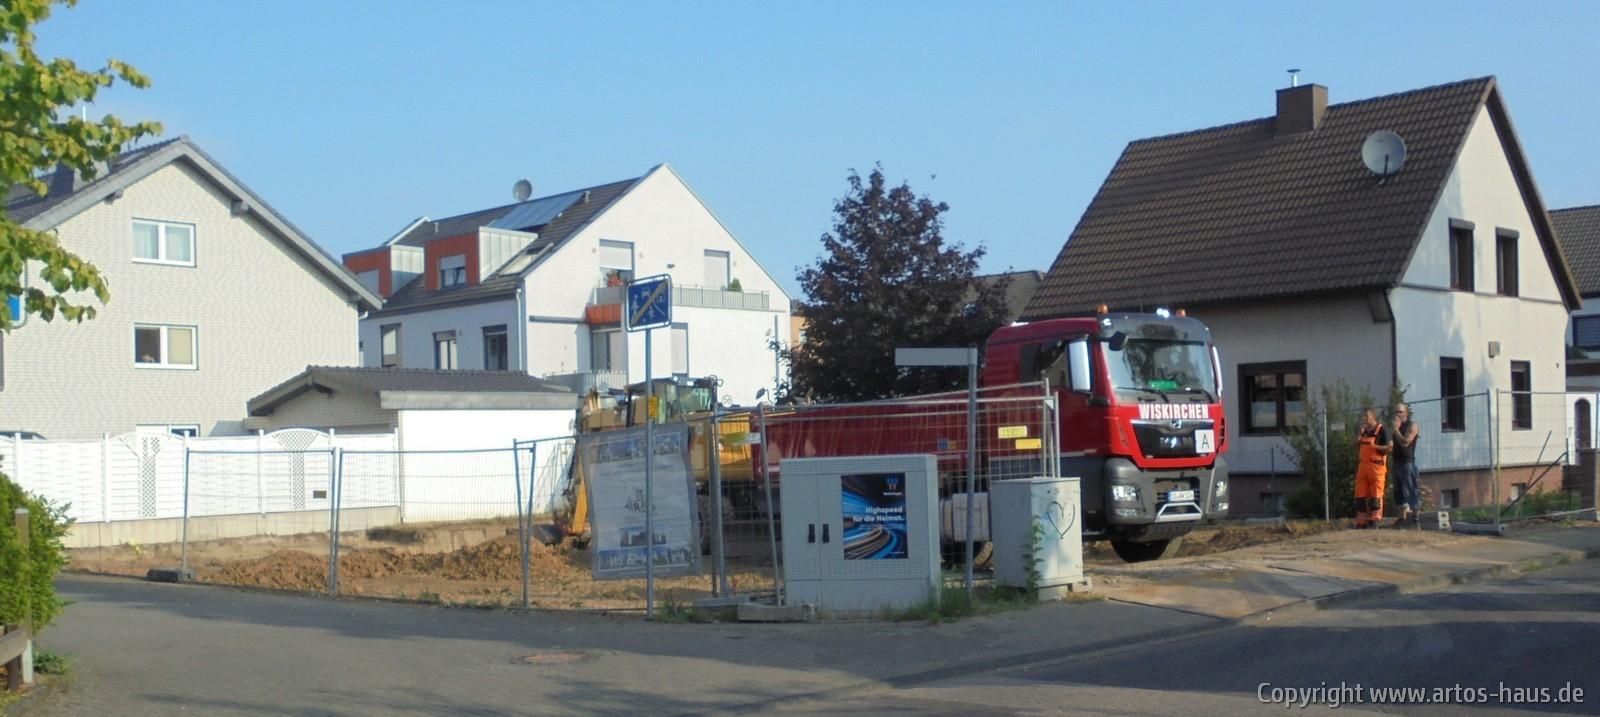 Erdarbeiten in Pulheim | ARTOS HAUS Bild 5